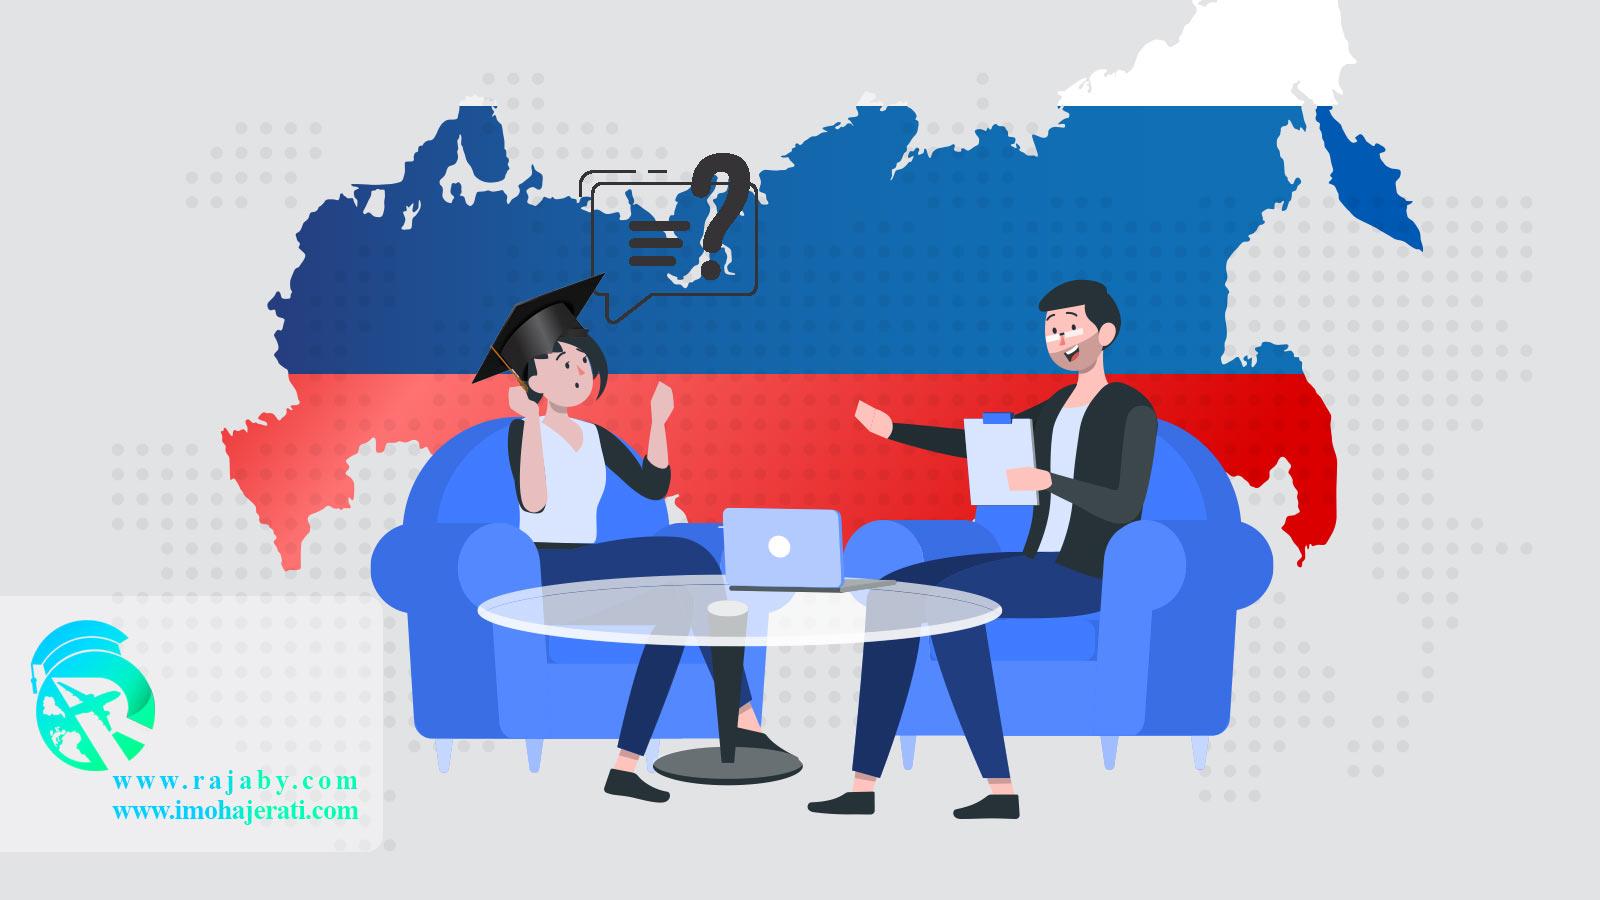 موسسات اعزام دانشجو به روسیه